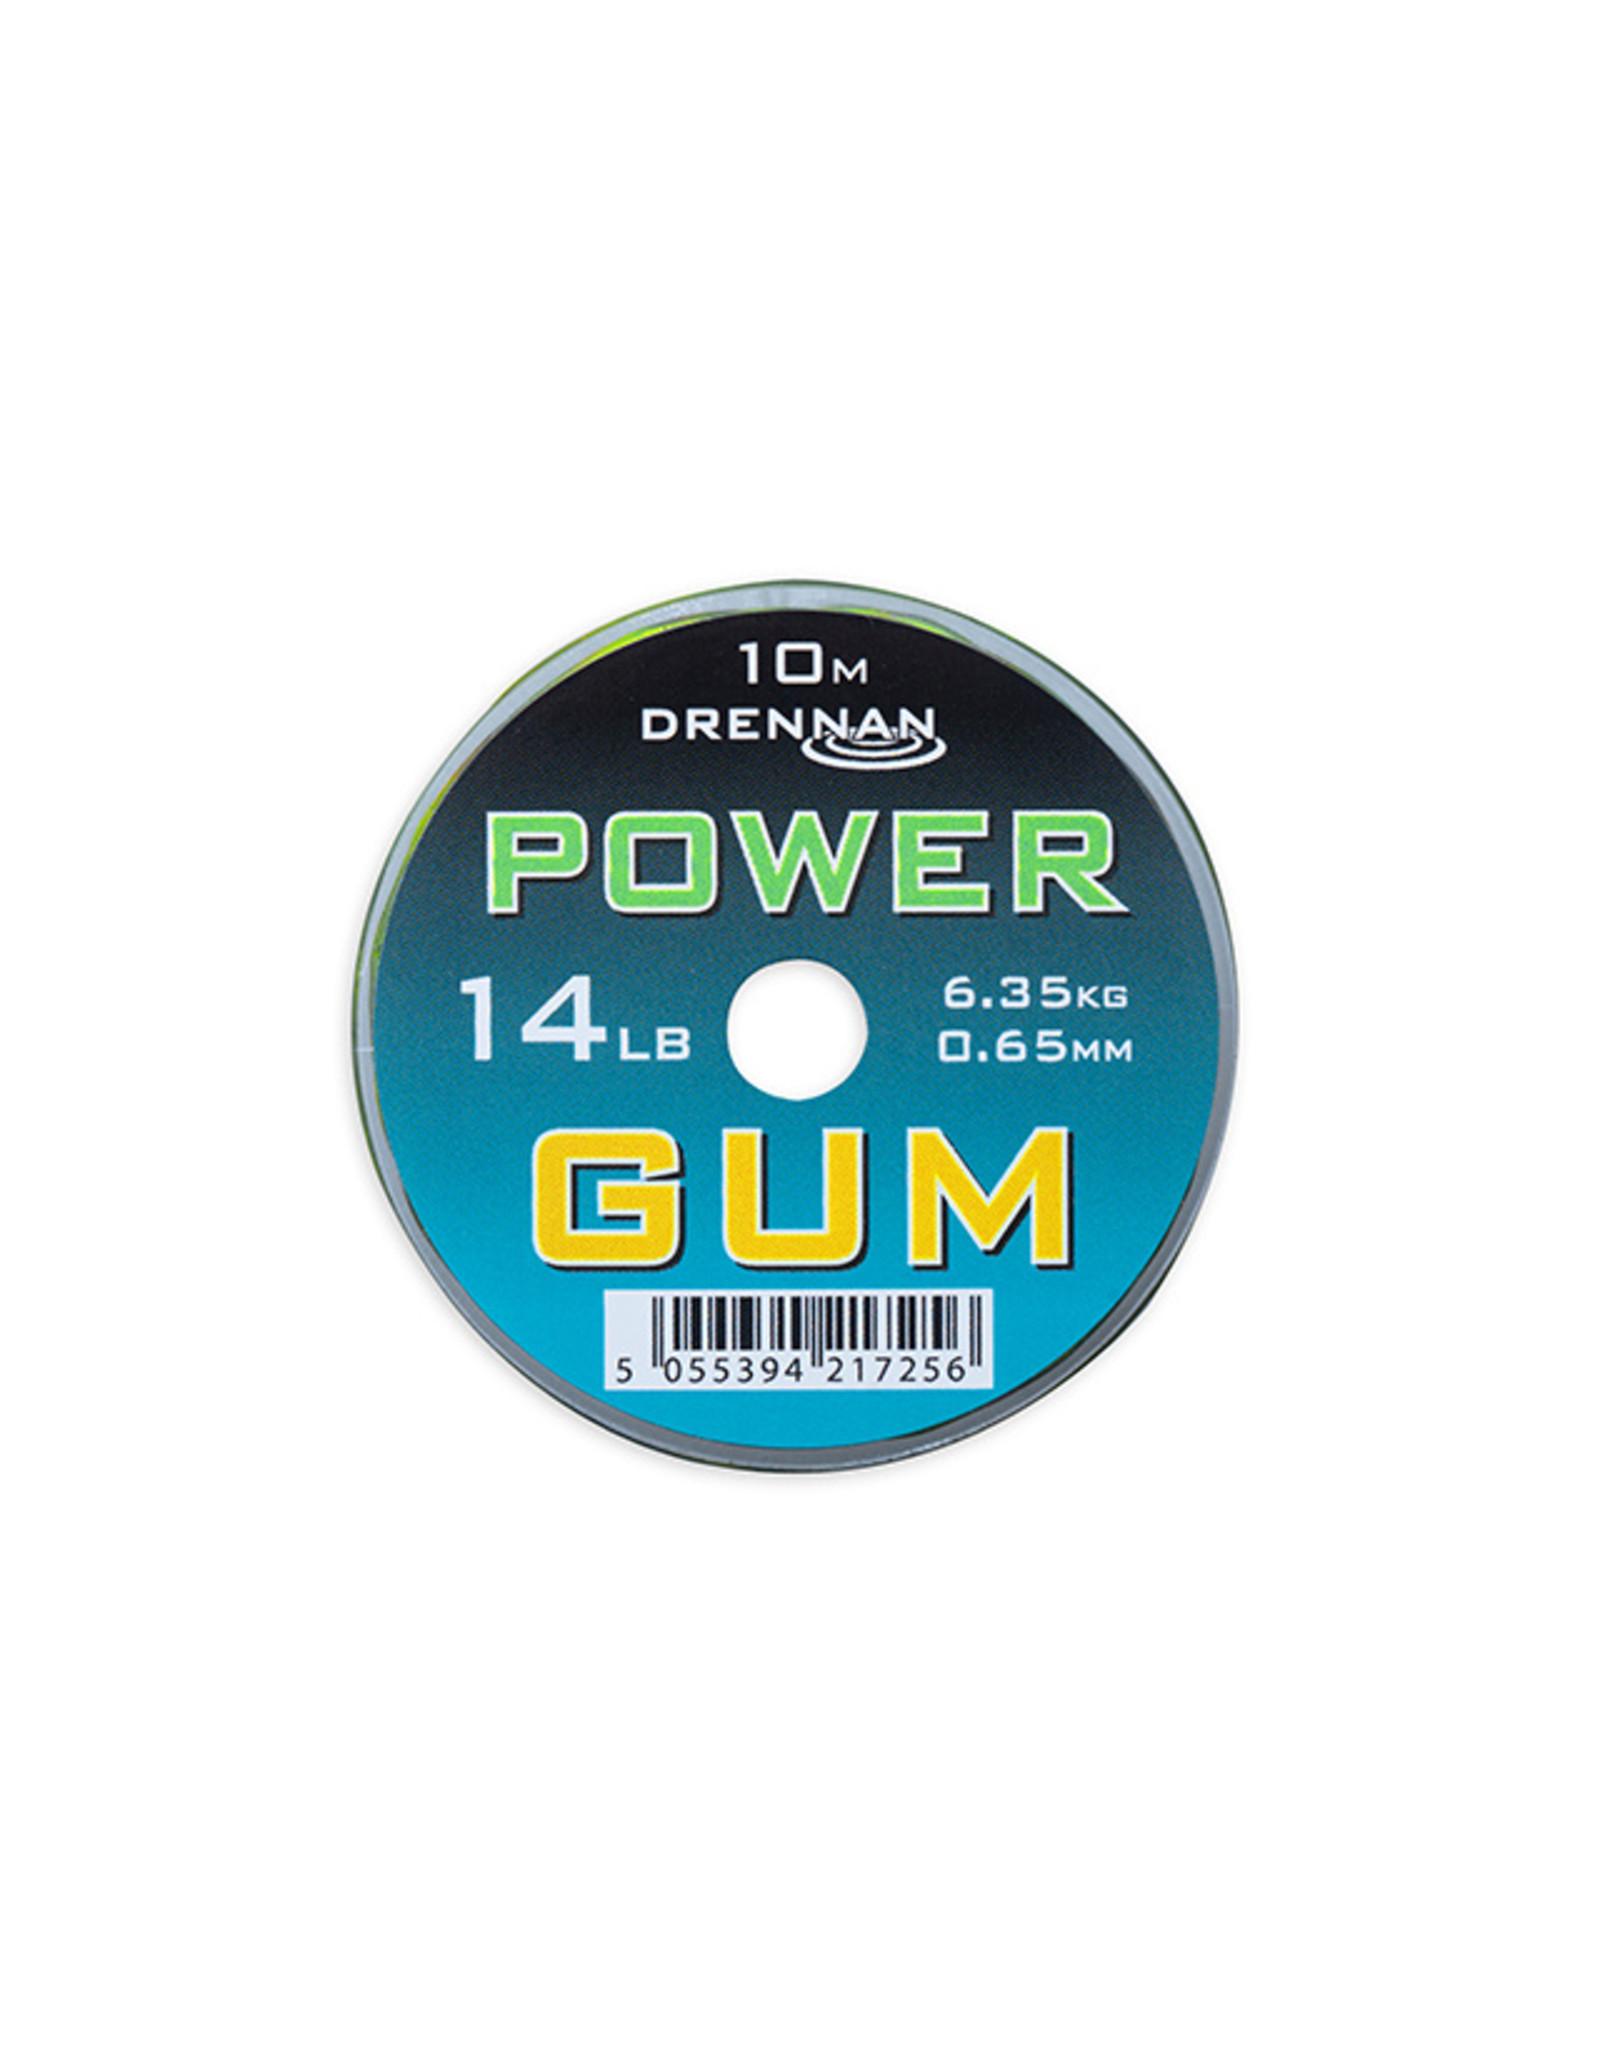 Drennan Drennan Power Gum 14lb